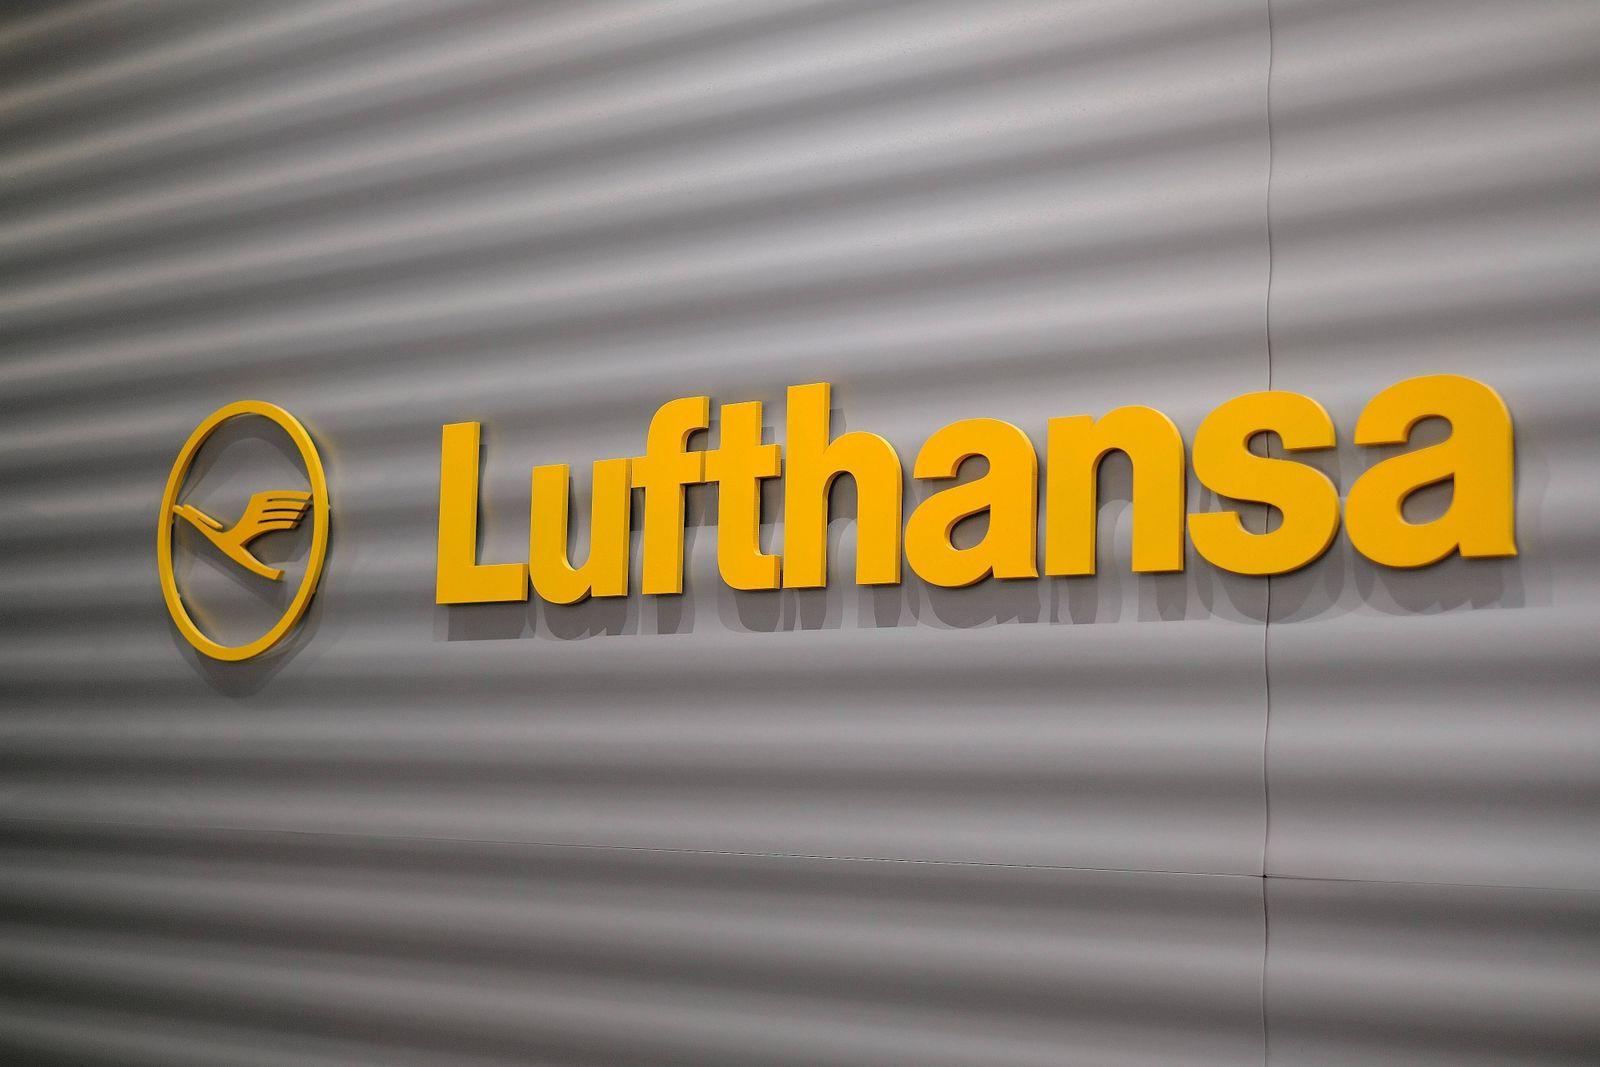 28.12.2019 Frankfurt am Main Flughafen Lufthansa Logo Symbofotos leere Schalter aufgrund Streik Flugbegleiter Vereinigu